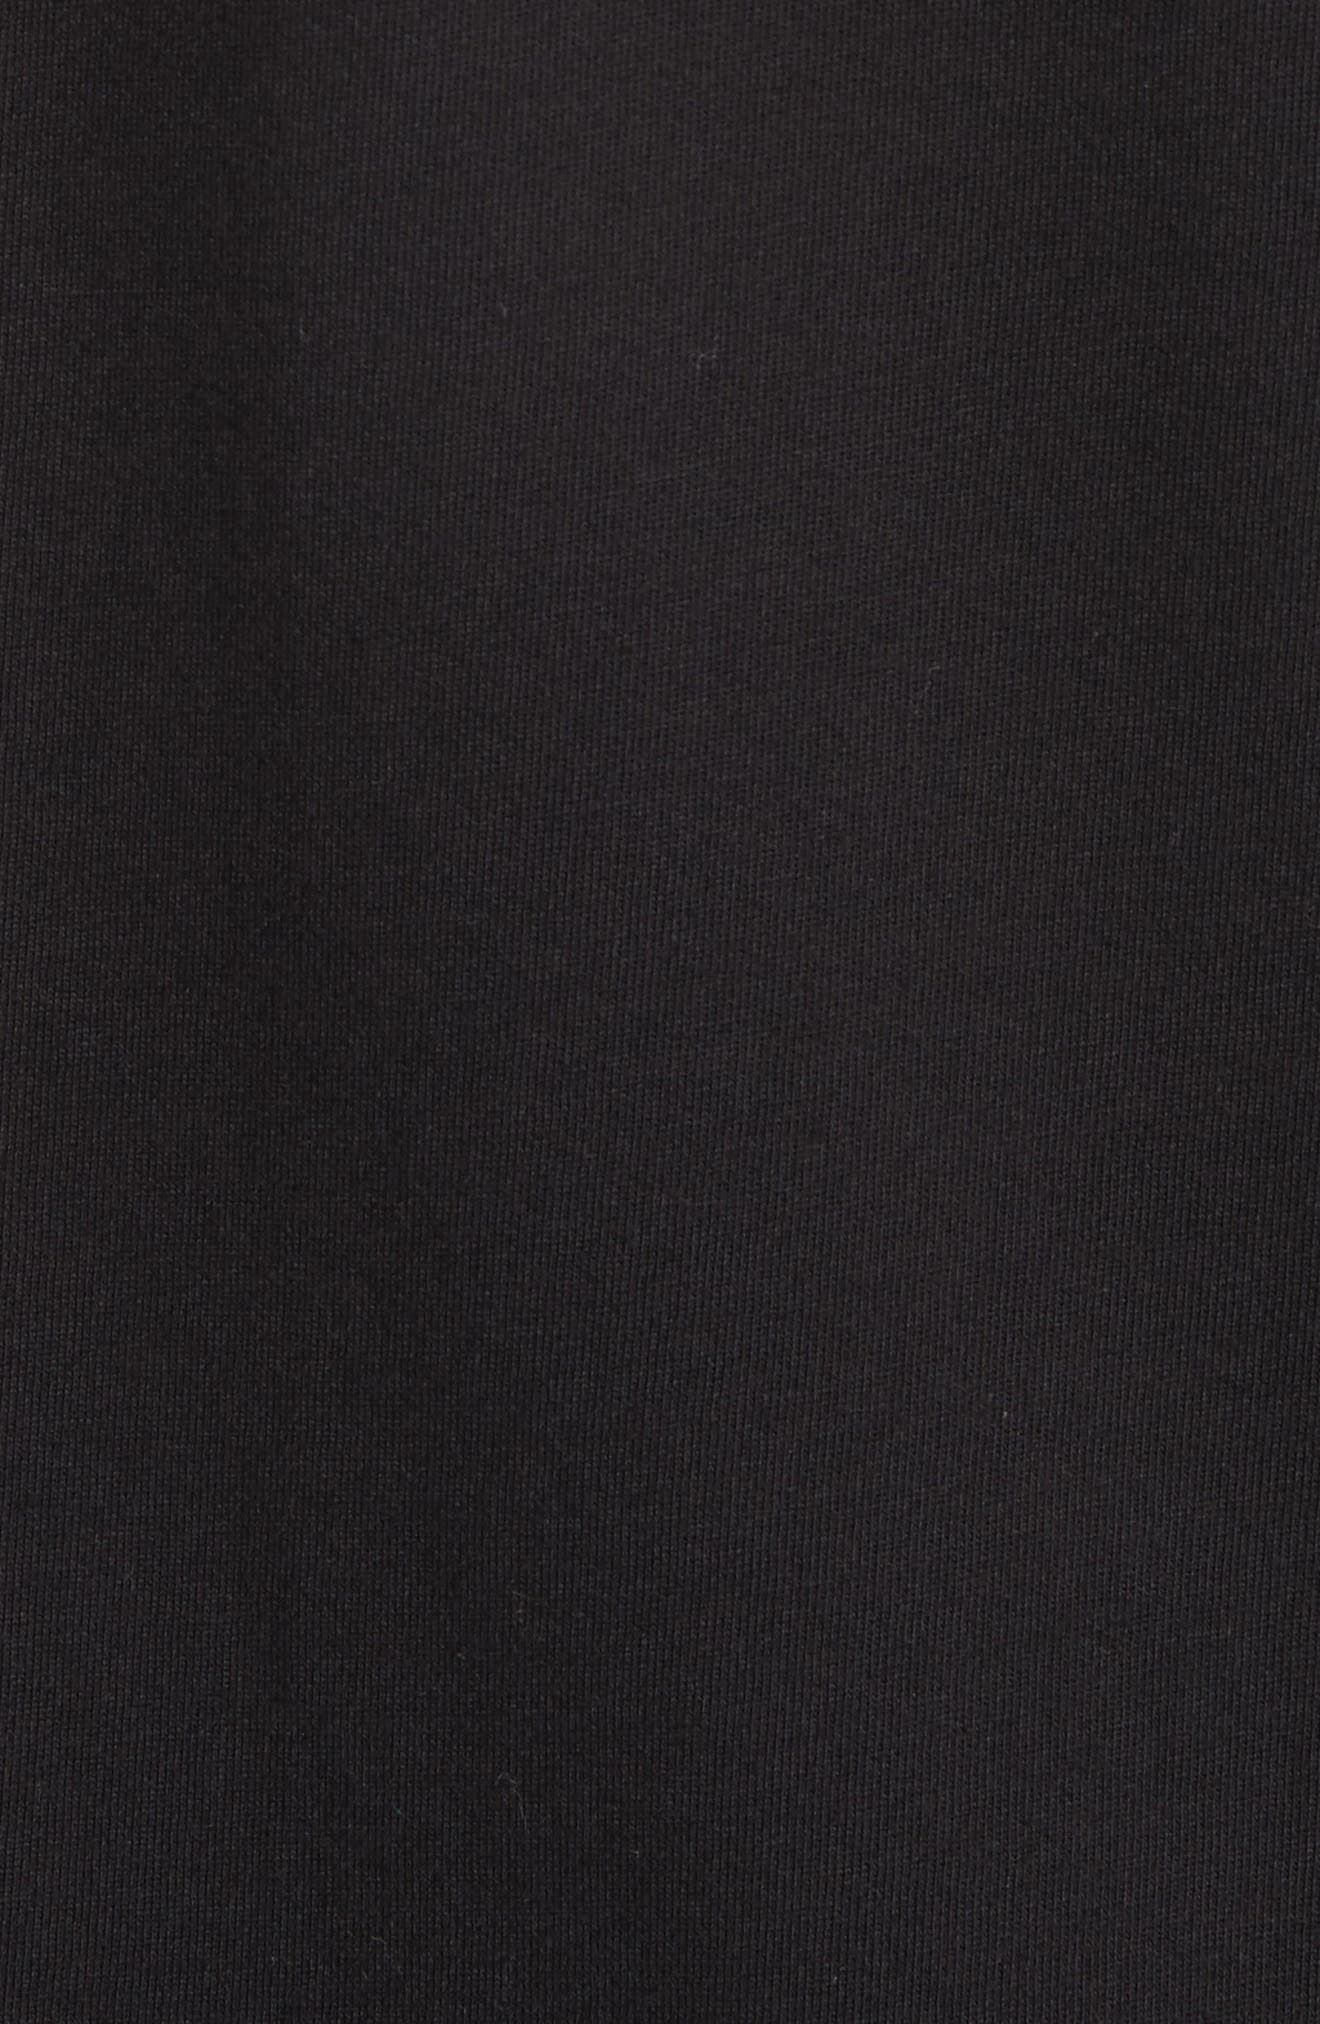 Alternate Image 5  - Yohji Yamamoto x New Era Embroidered Script T-Shirt